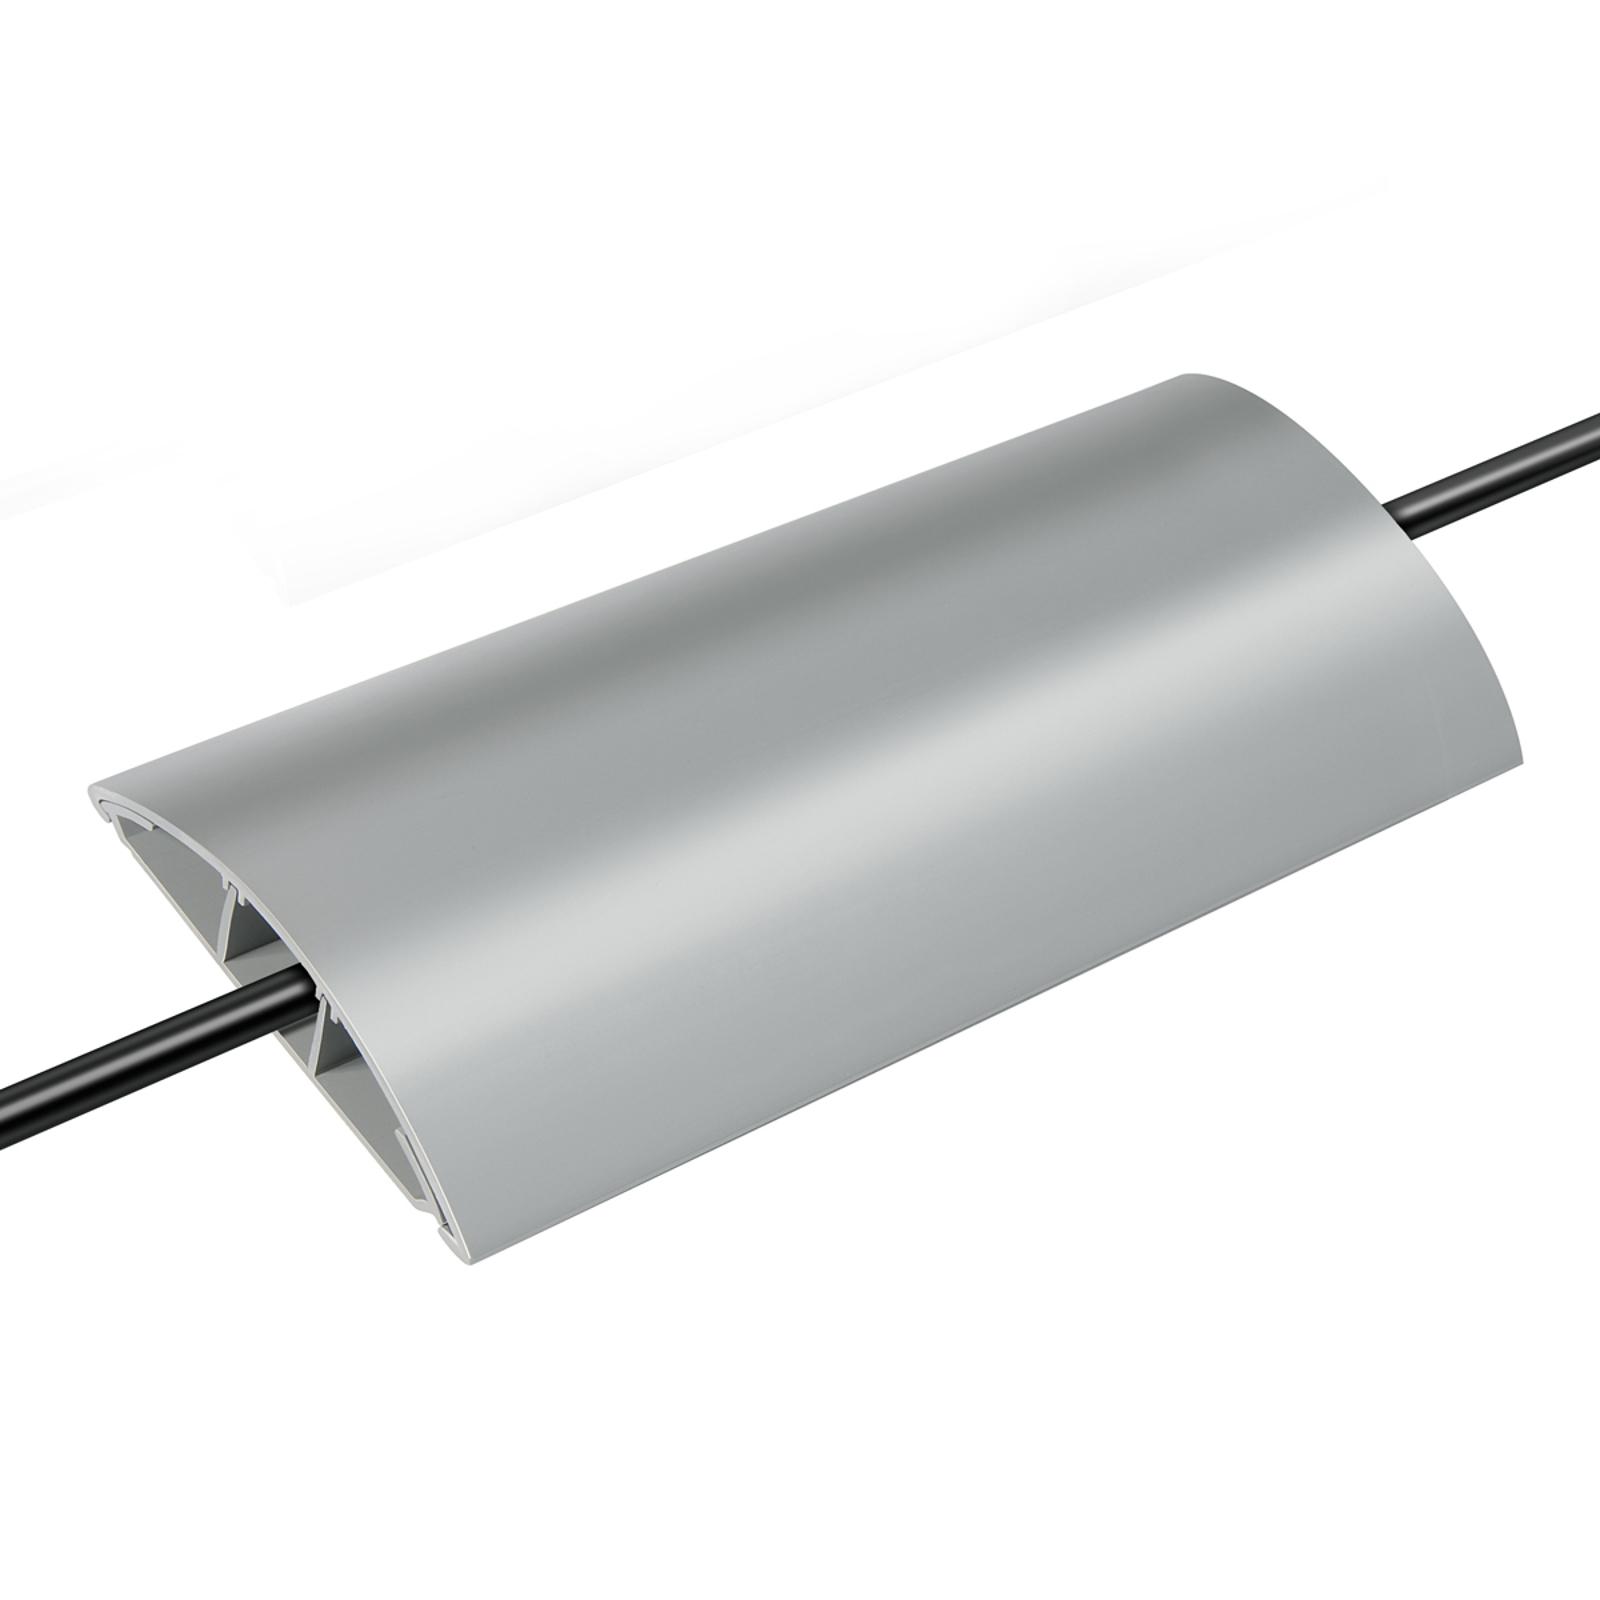 Stabiler Kabelkanal aus PVC, trittfest